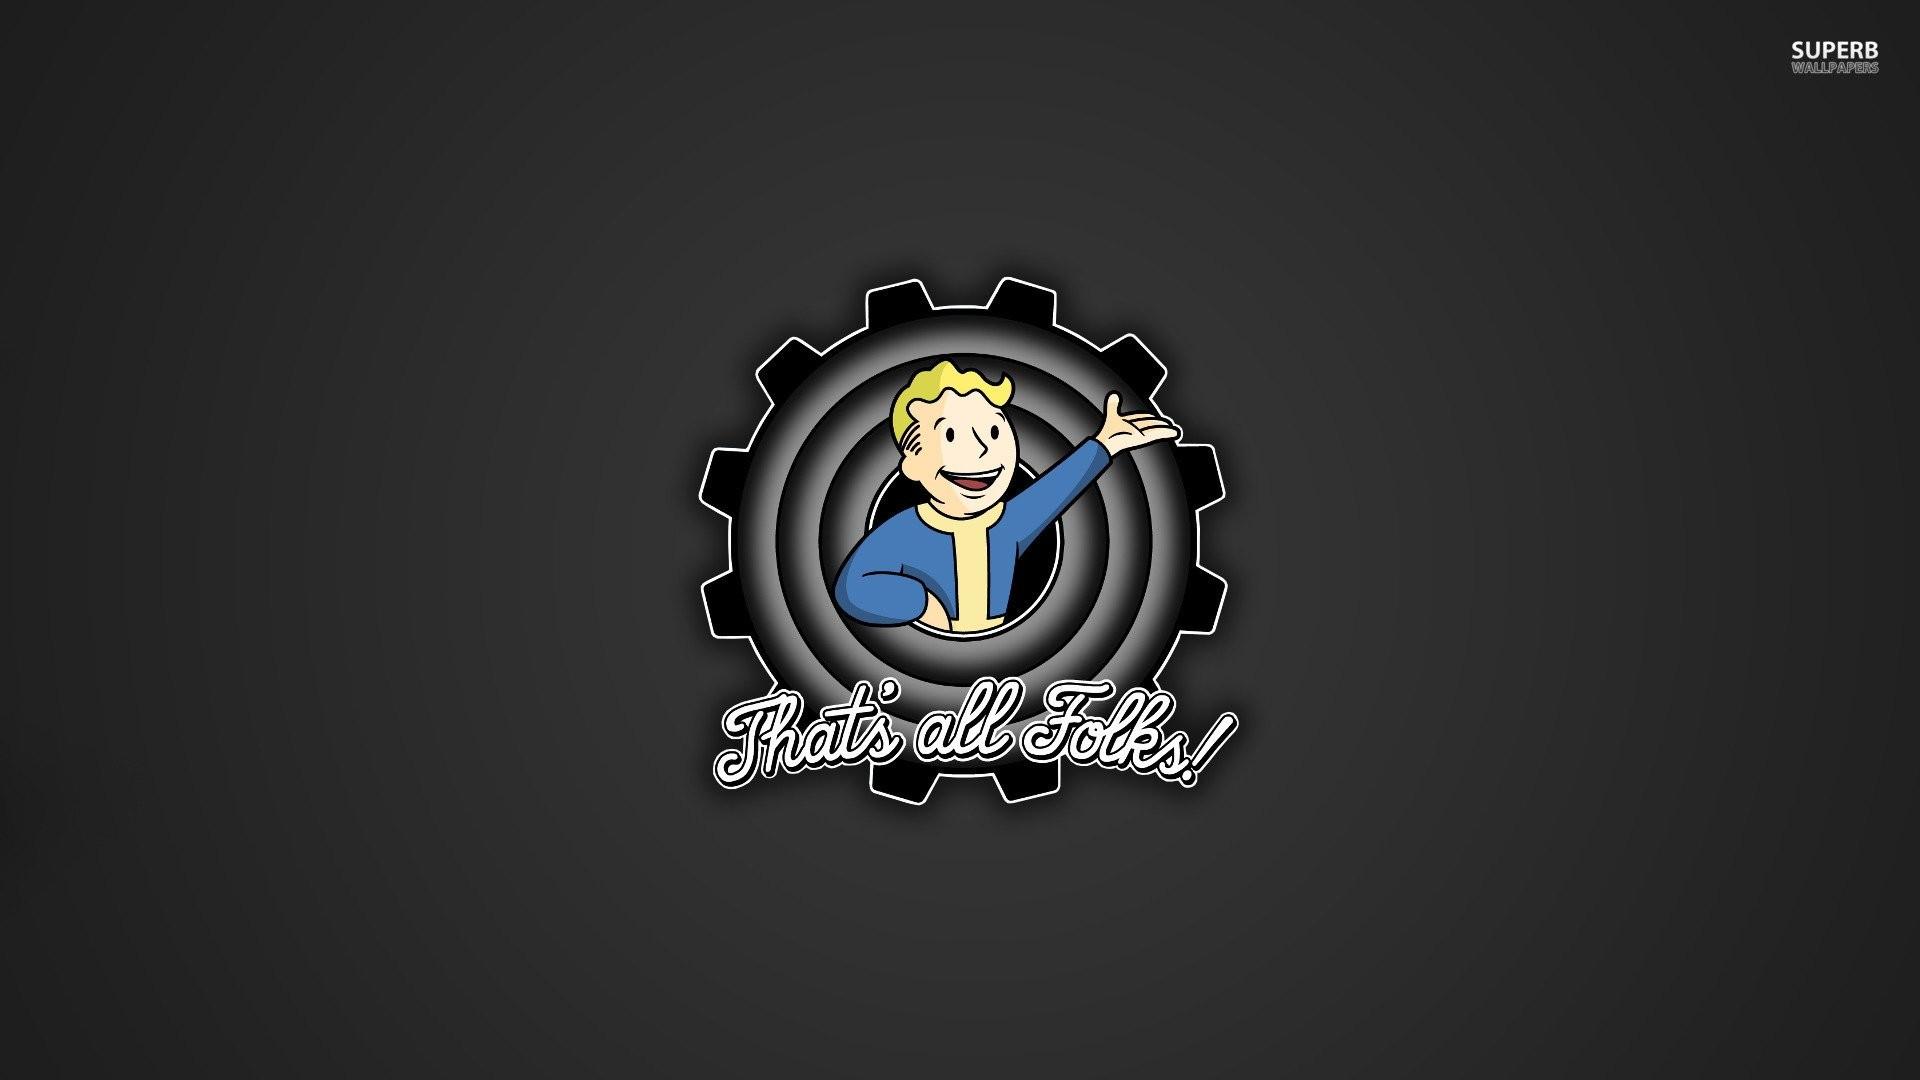 Fallout Vault Boy 805855 …